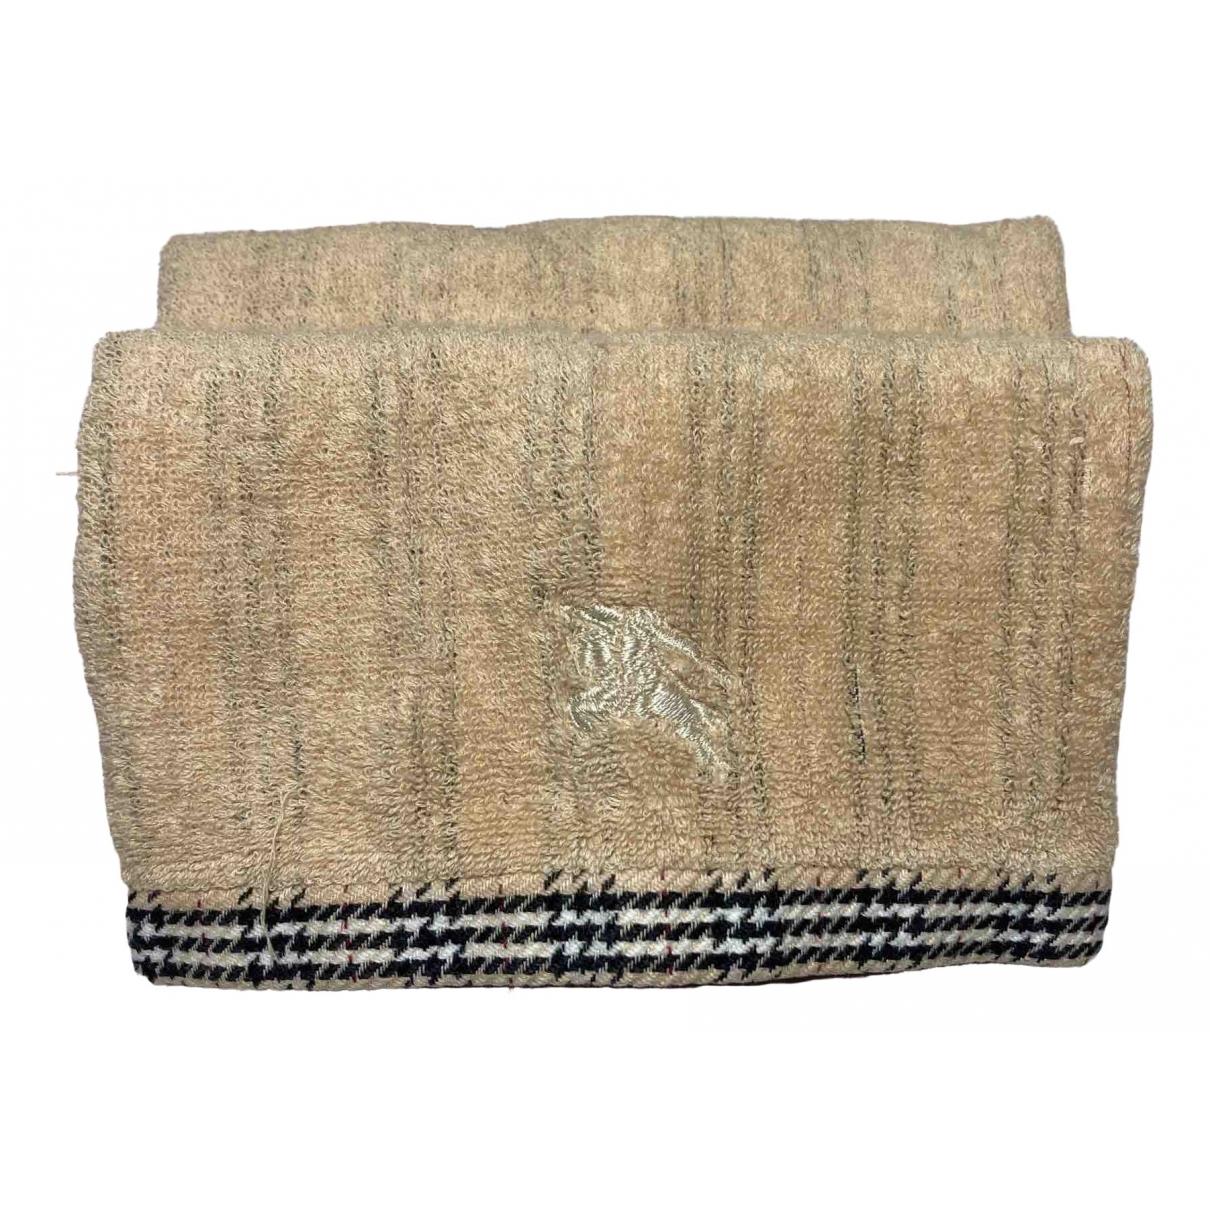 Burberry - Linge de maison   pour lifestyle en coton - kaki